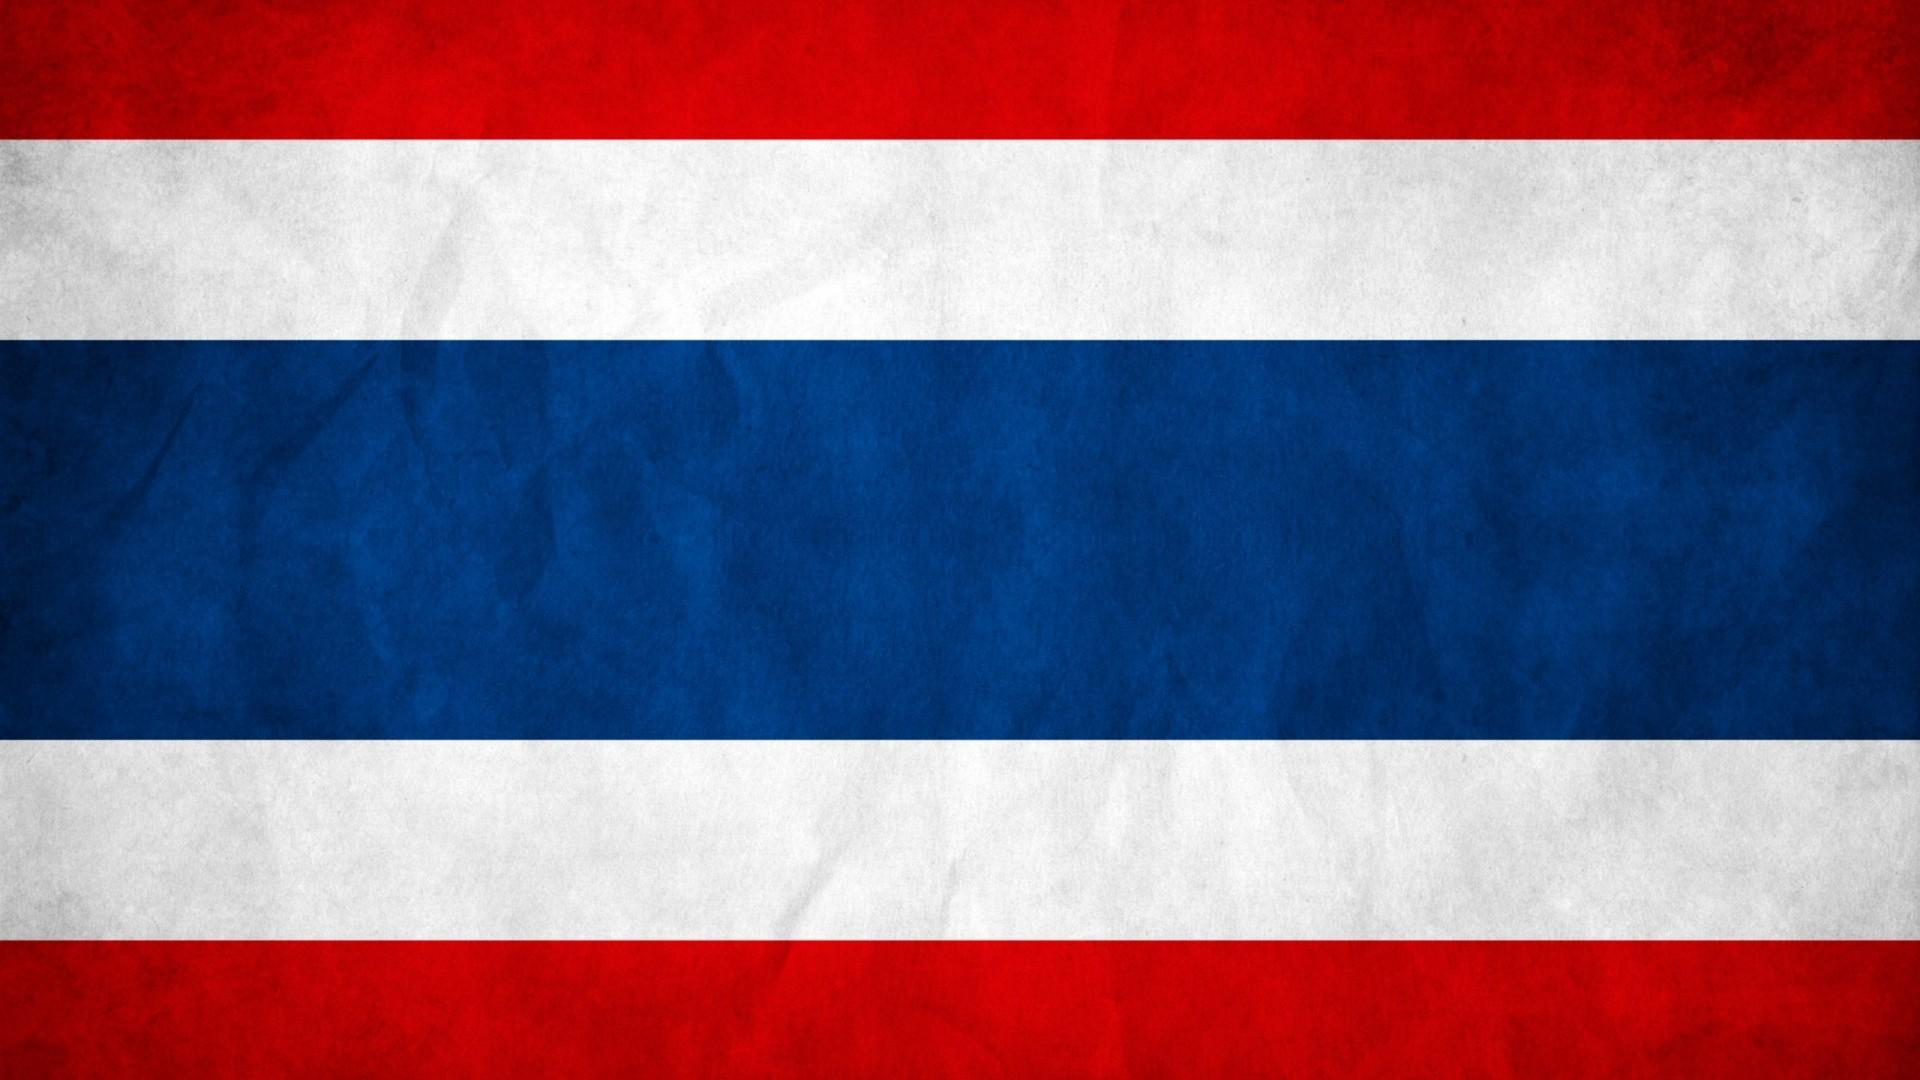 thailand-flag-1920x1080